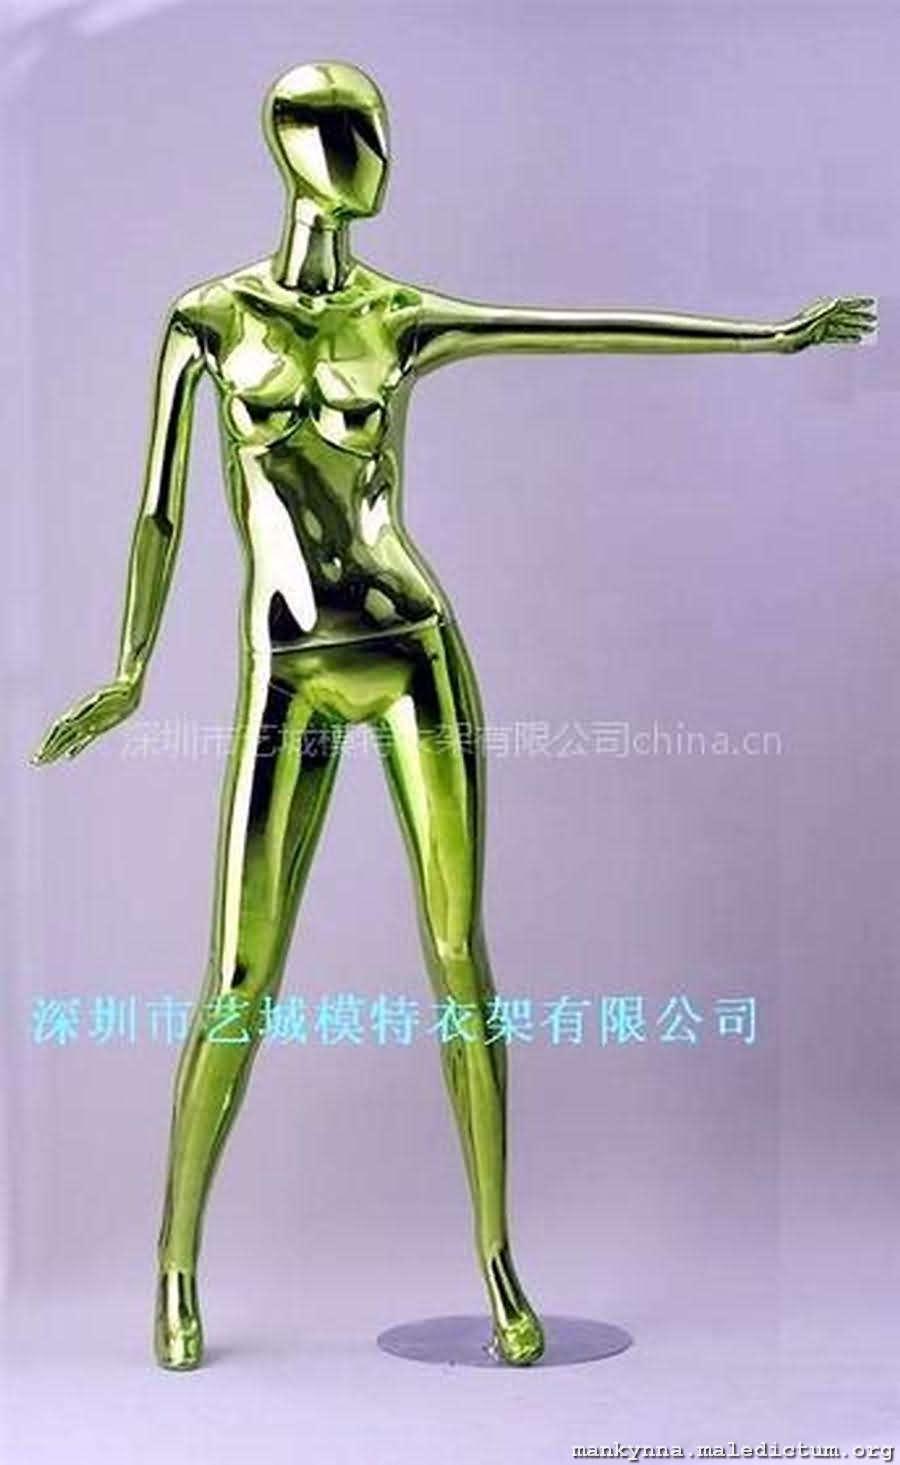 Классический золотой манекен